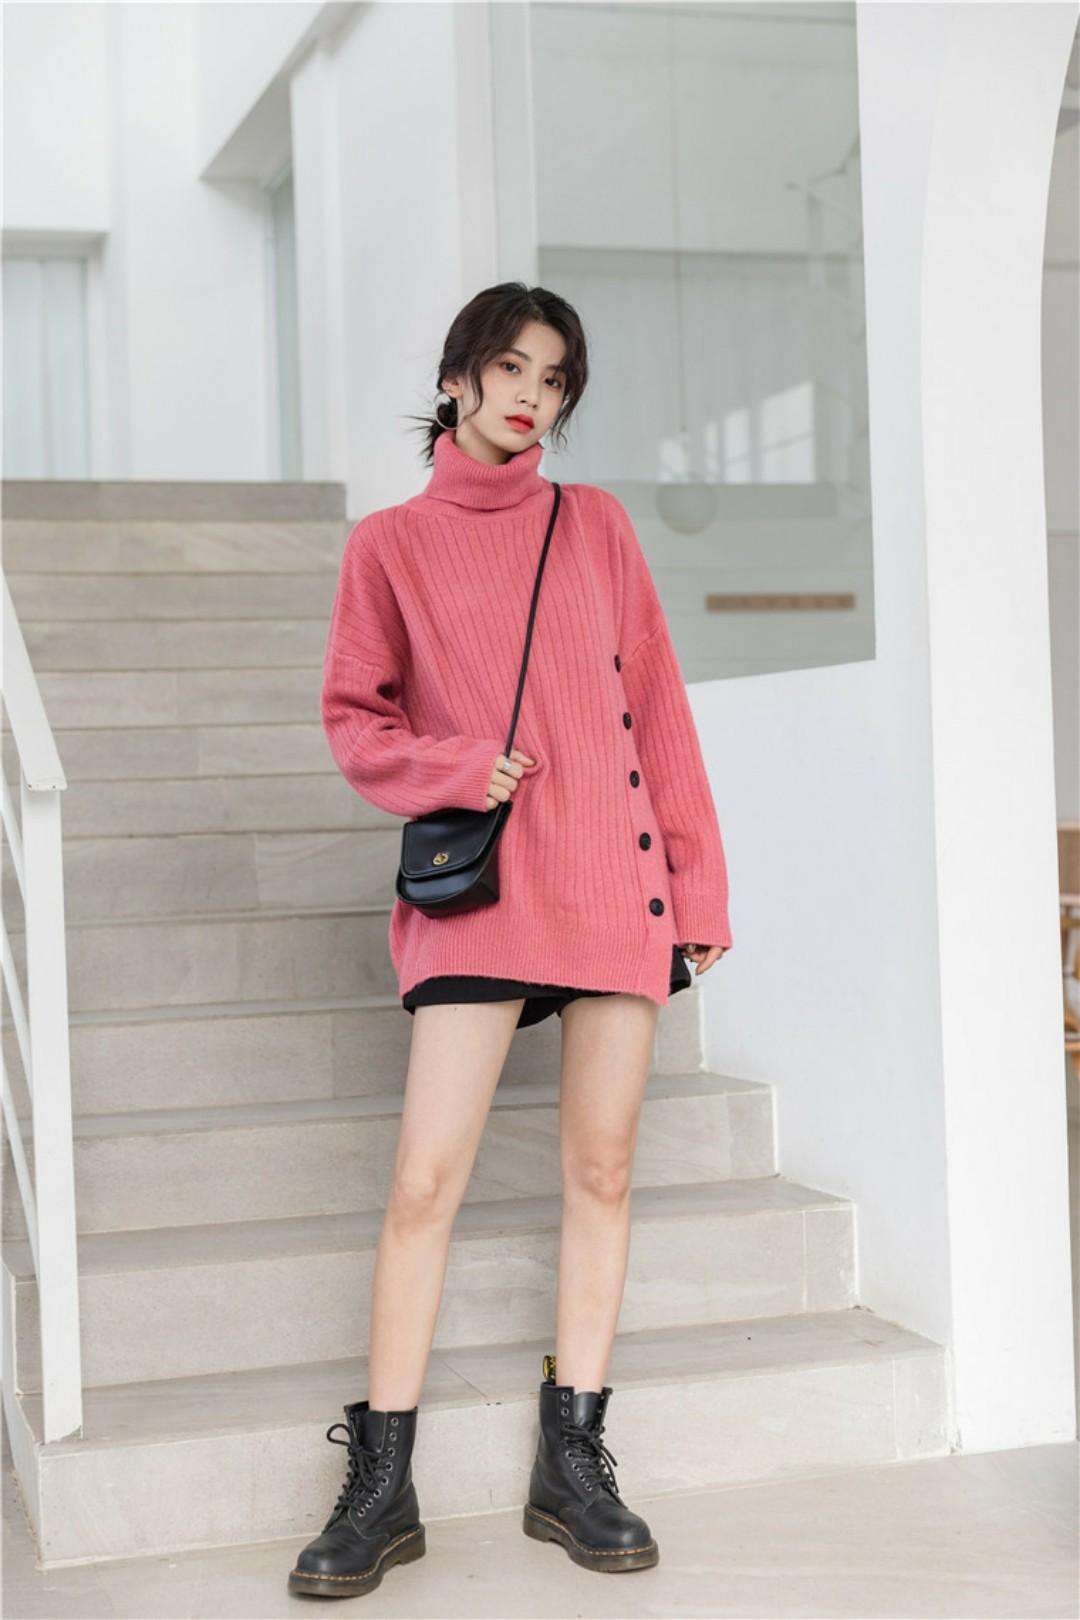 你的高领颜值毛衣来啦!经典简约设计,下面侧边单排扣设计增加了毛衣的时尚感,是你冬天脱下大衣外套棉衣也好看的单品!#双11网红爆款套装榜单!#